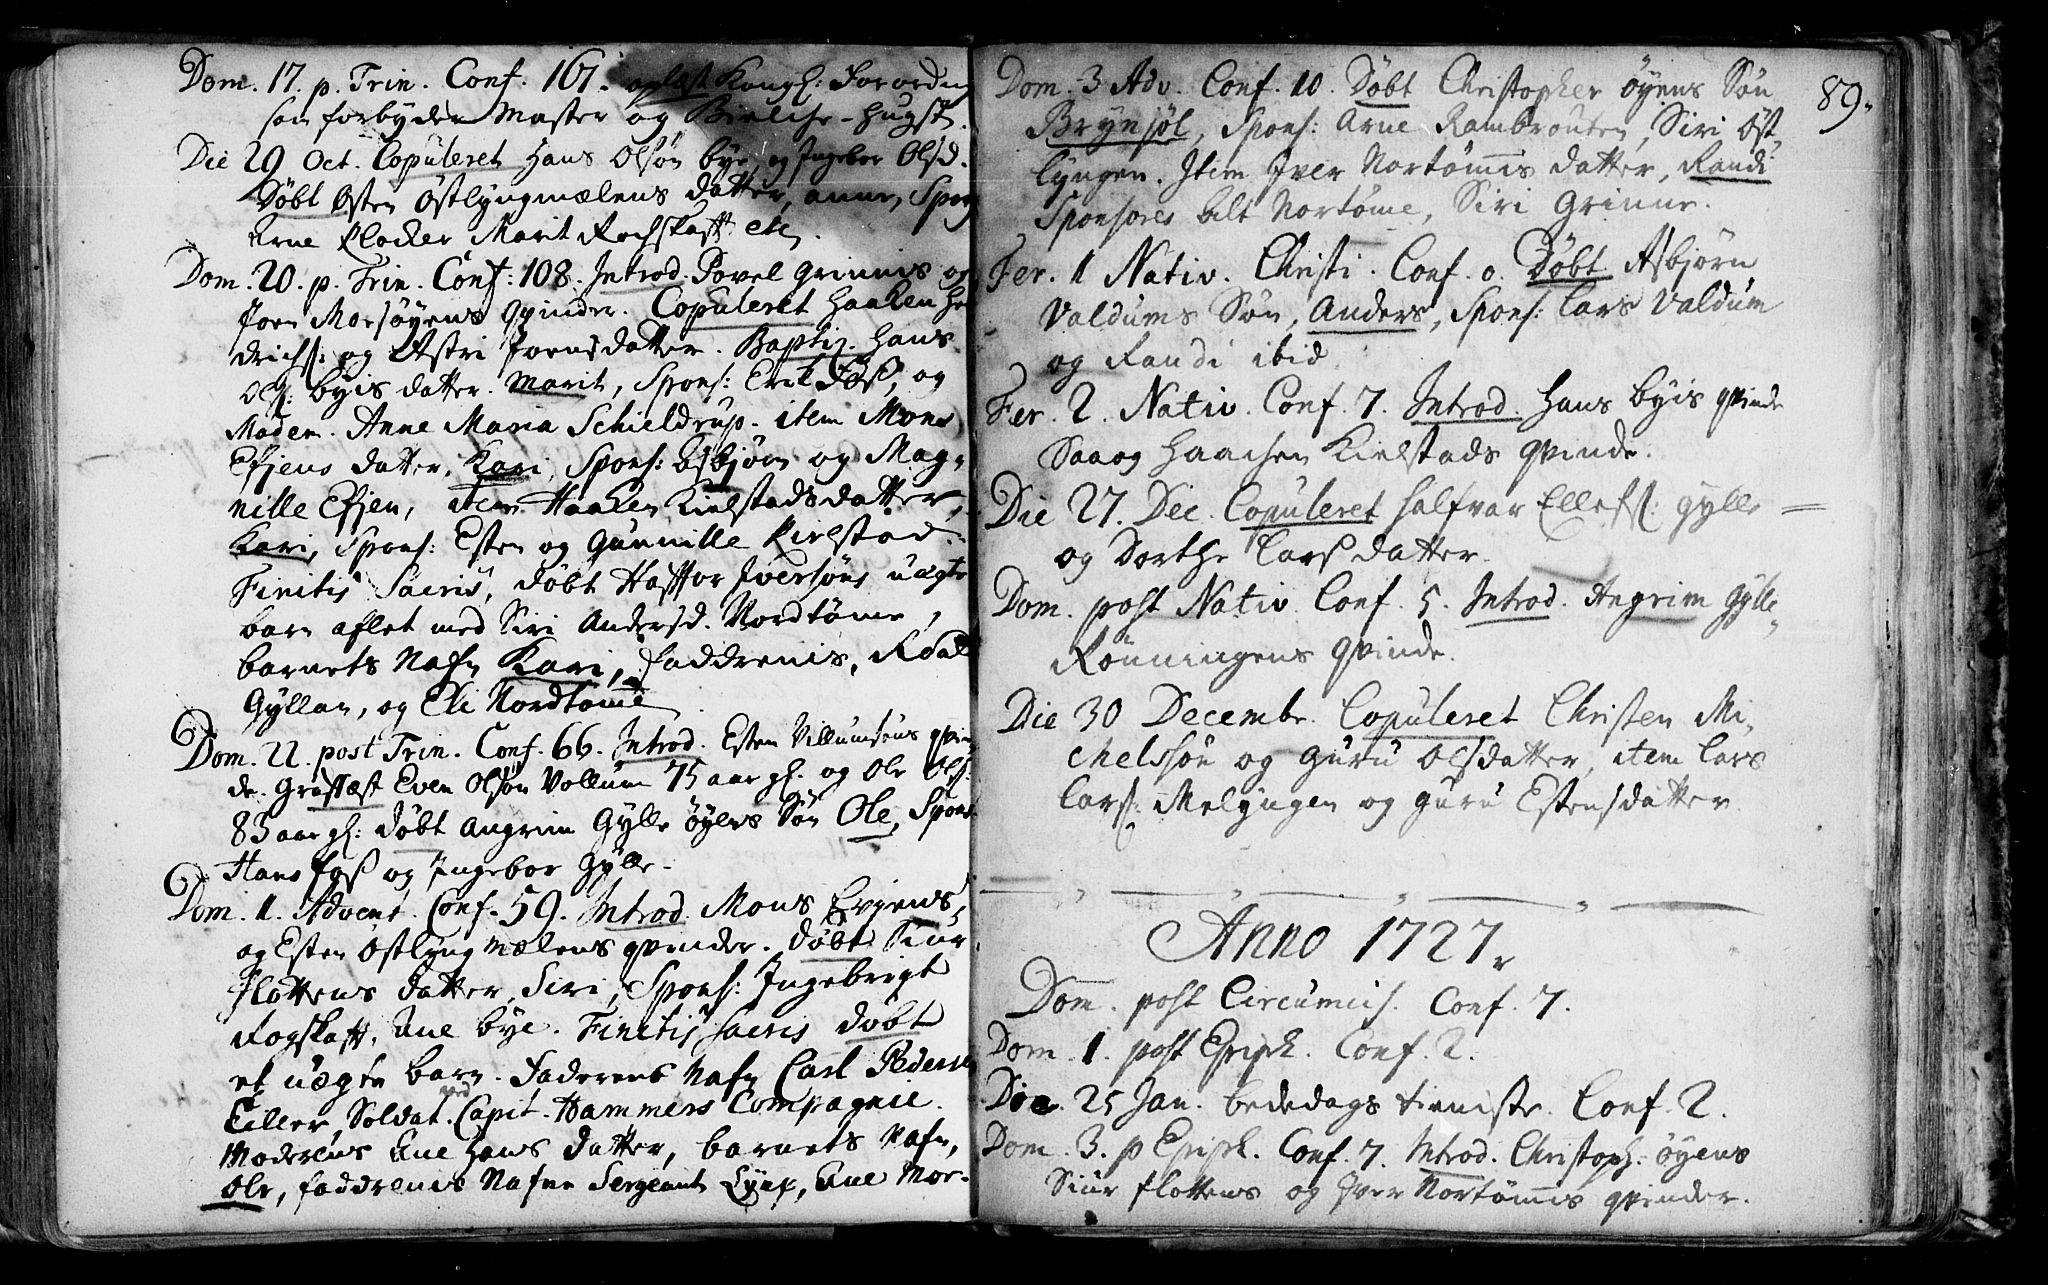 SAT, Ministerialprotokoller, klokkerbøker og fødselsregistre - Sør-Trøndelag, 692/L1101: Ministerialbok nr. 692A01, 1690-1746, s. 89